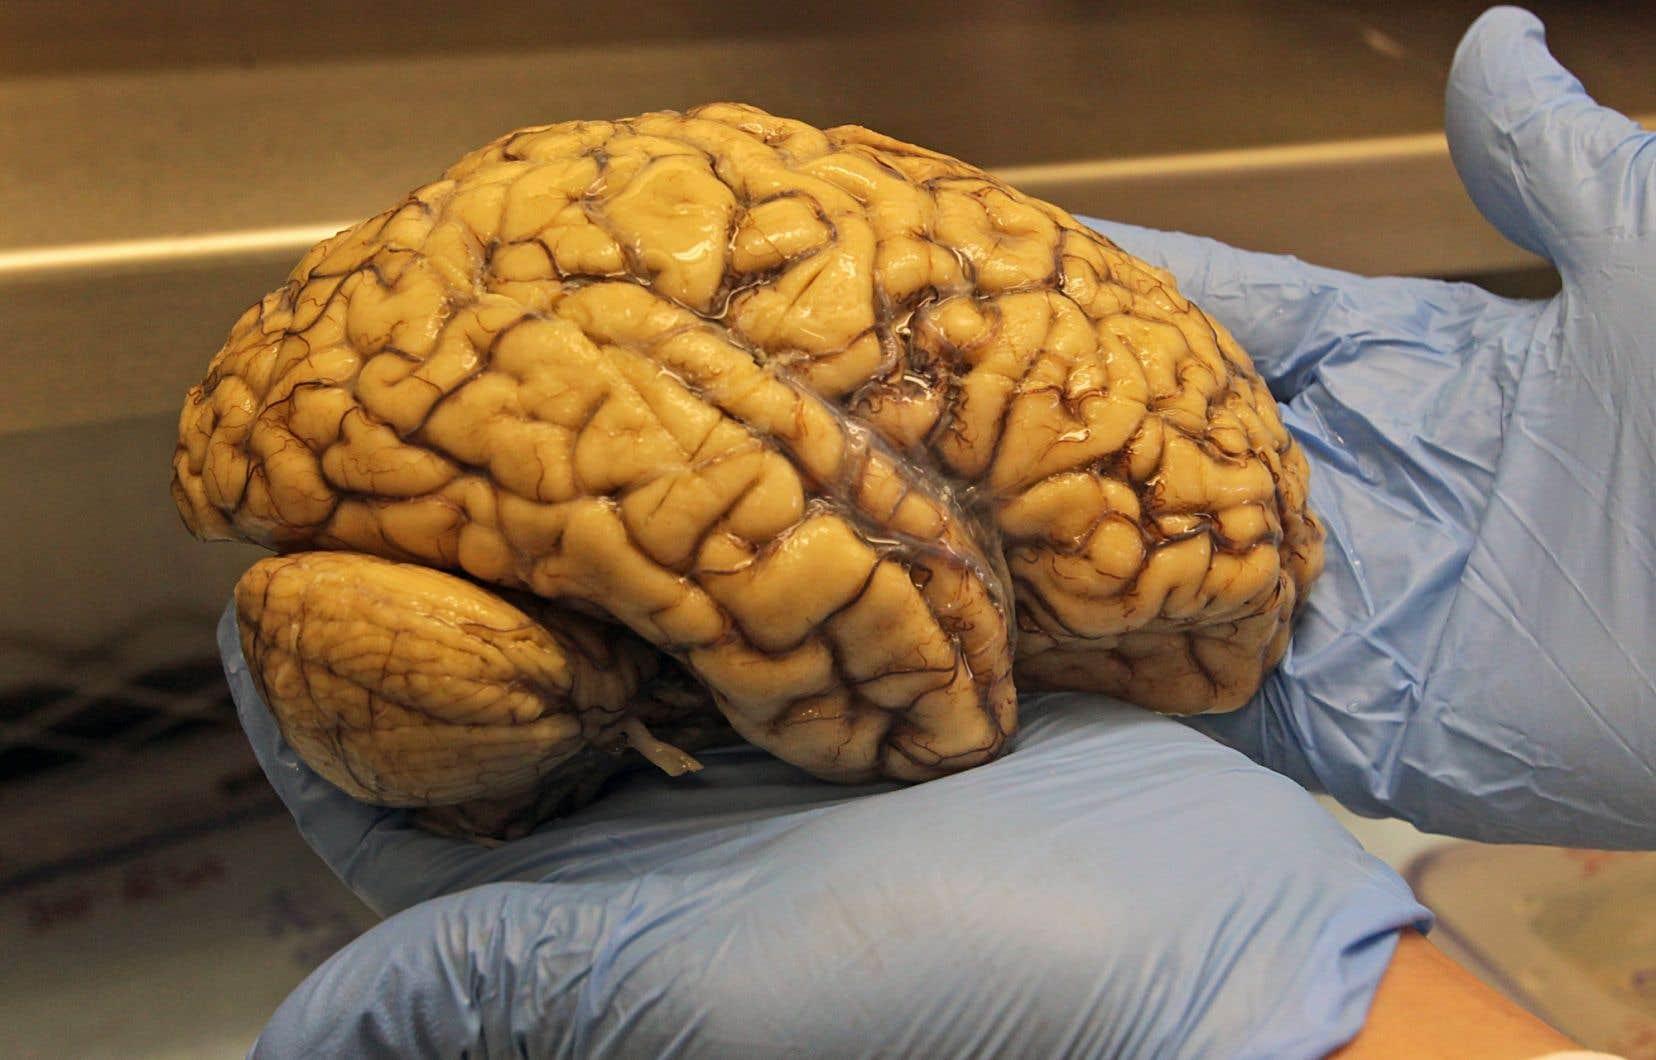 Depuis 20 ans, les recherches pour trouver un médicament pour traiter l'alzheimer ont été infructueuses jusqu'à présent.